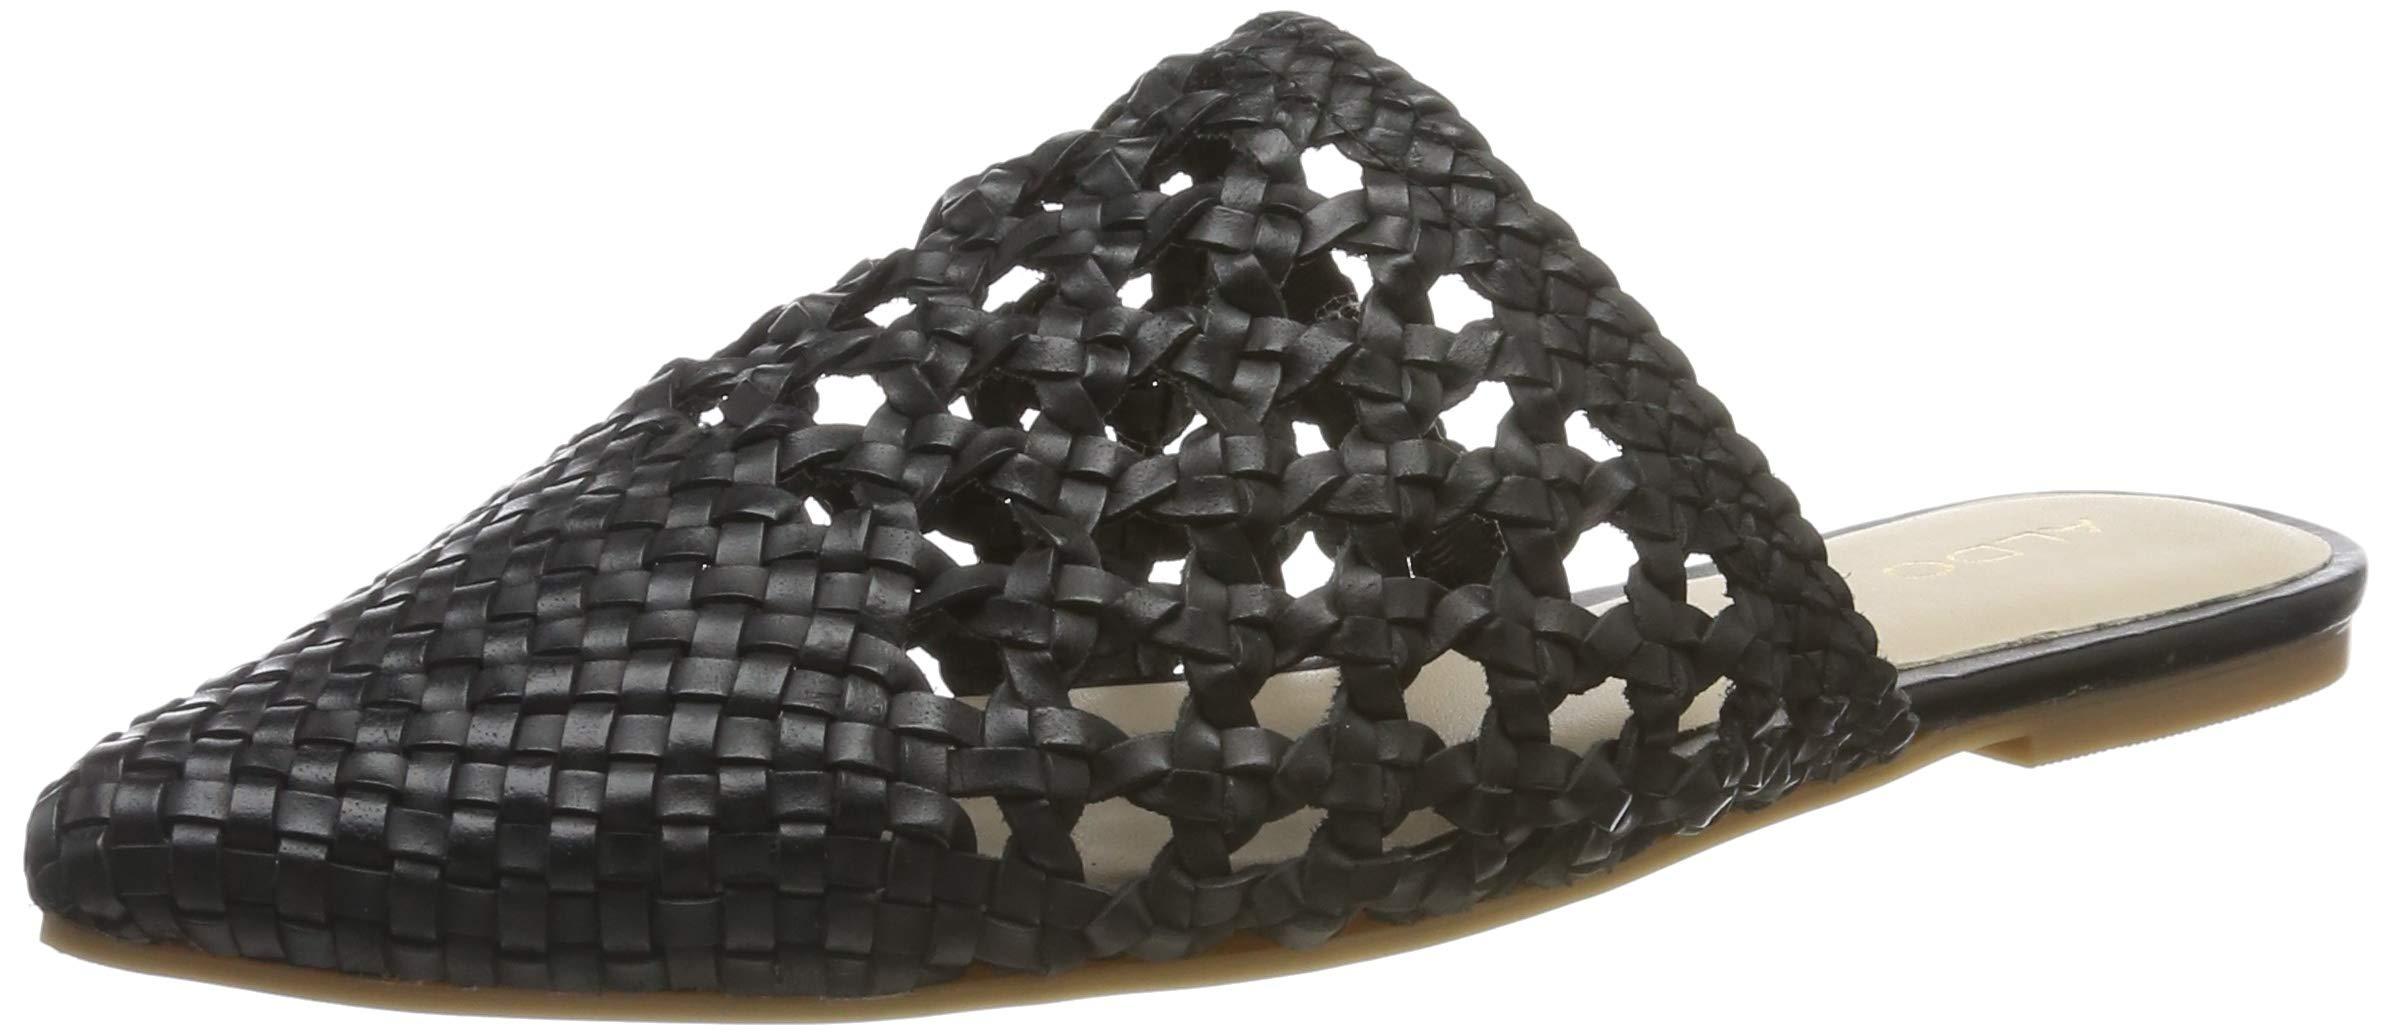 9737 Leather Aldo Eu FemmeNoirblack 5 RylyanMules eYDH9WIE2